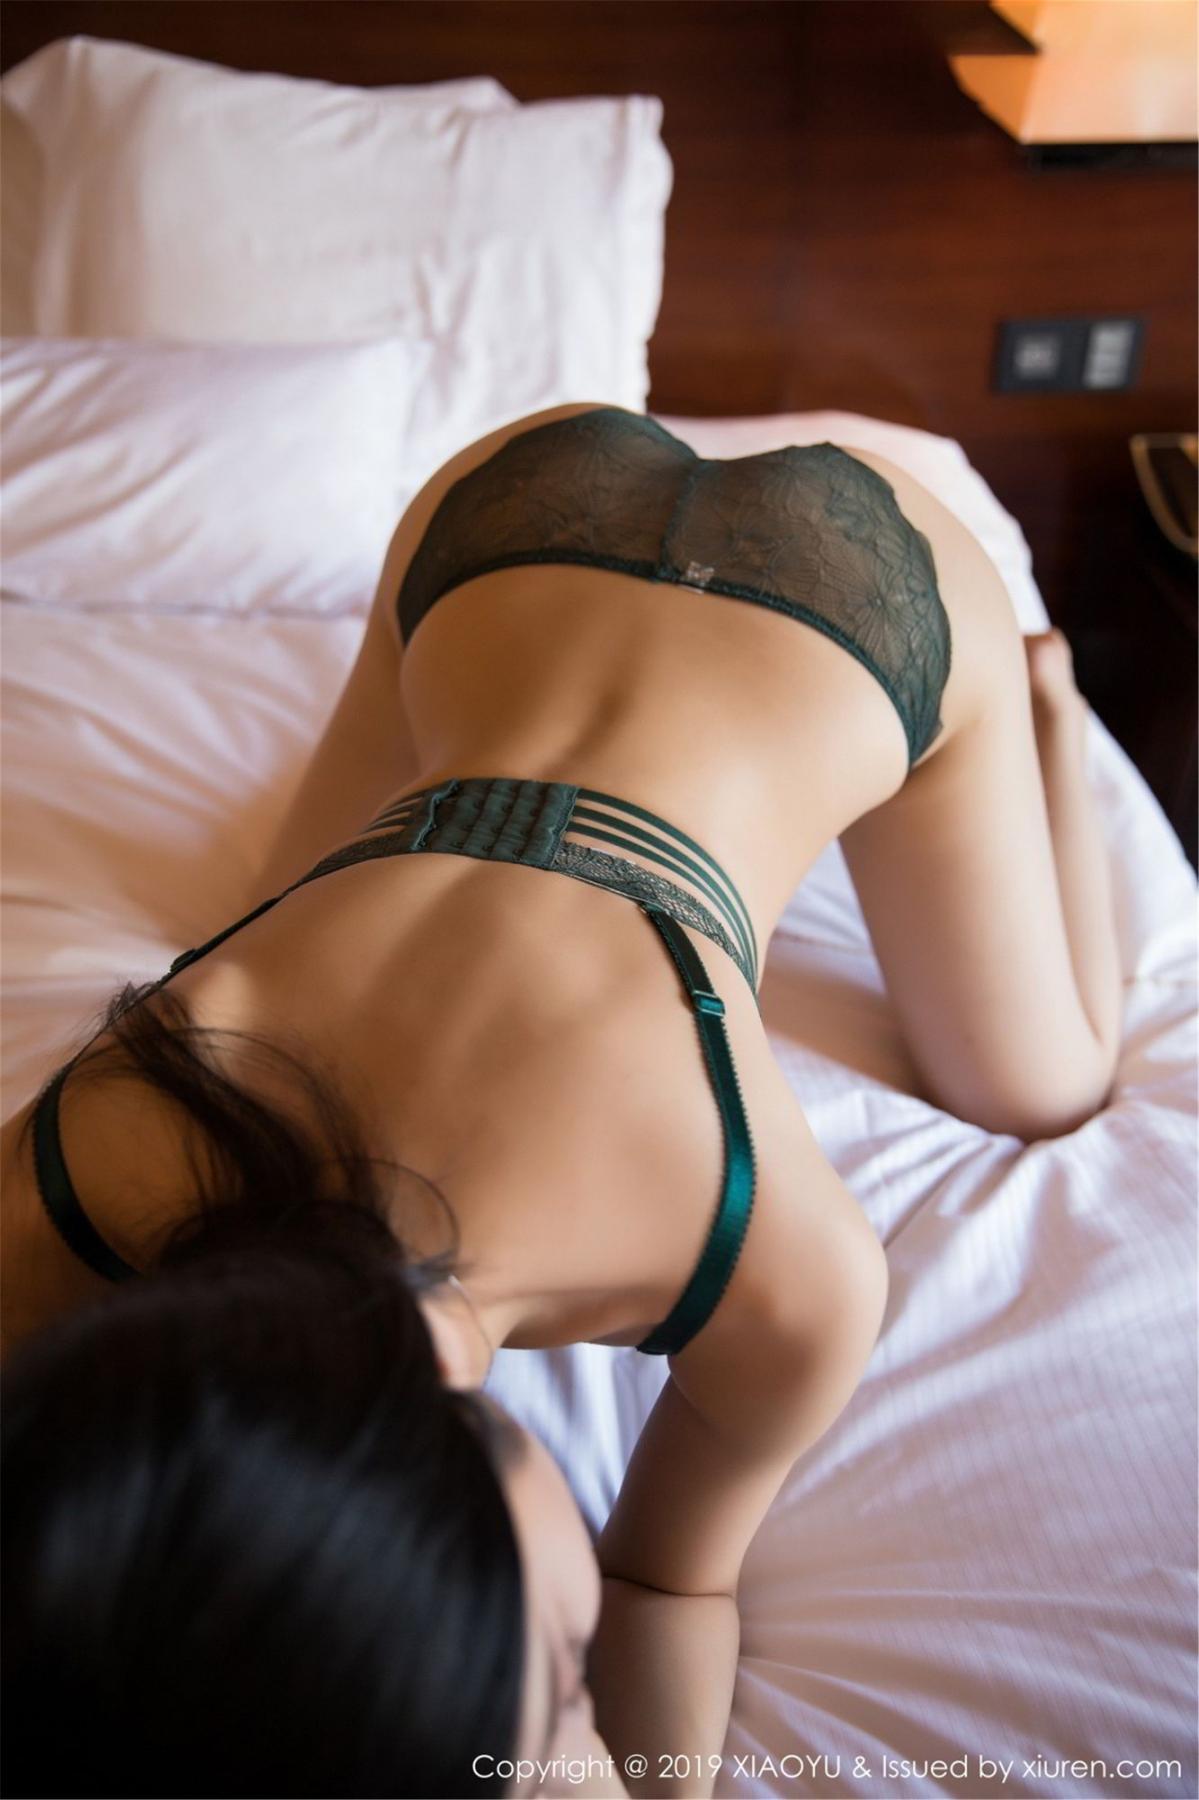 [XiaoYu] Vol.074 Angela Xi Huan Mao 20P, Di Yi, Underwear, XiaoYu